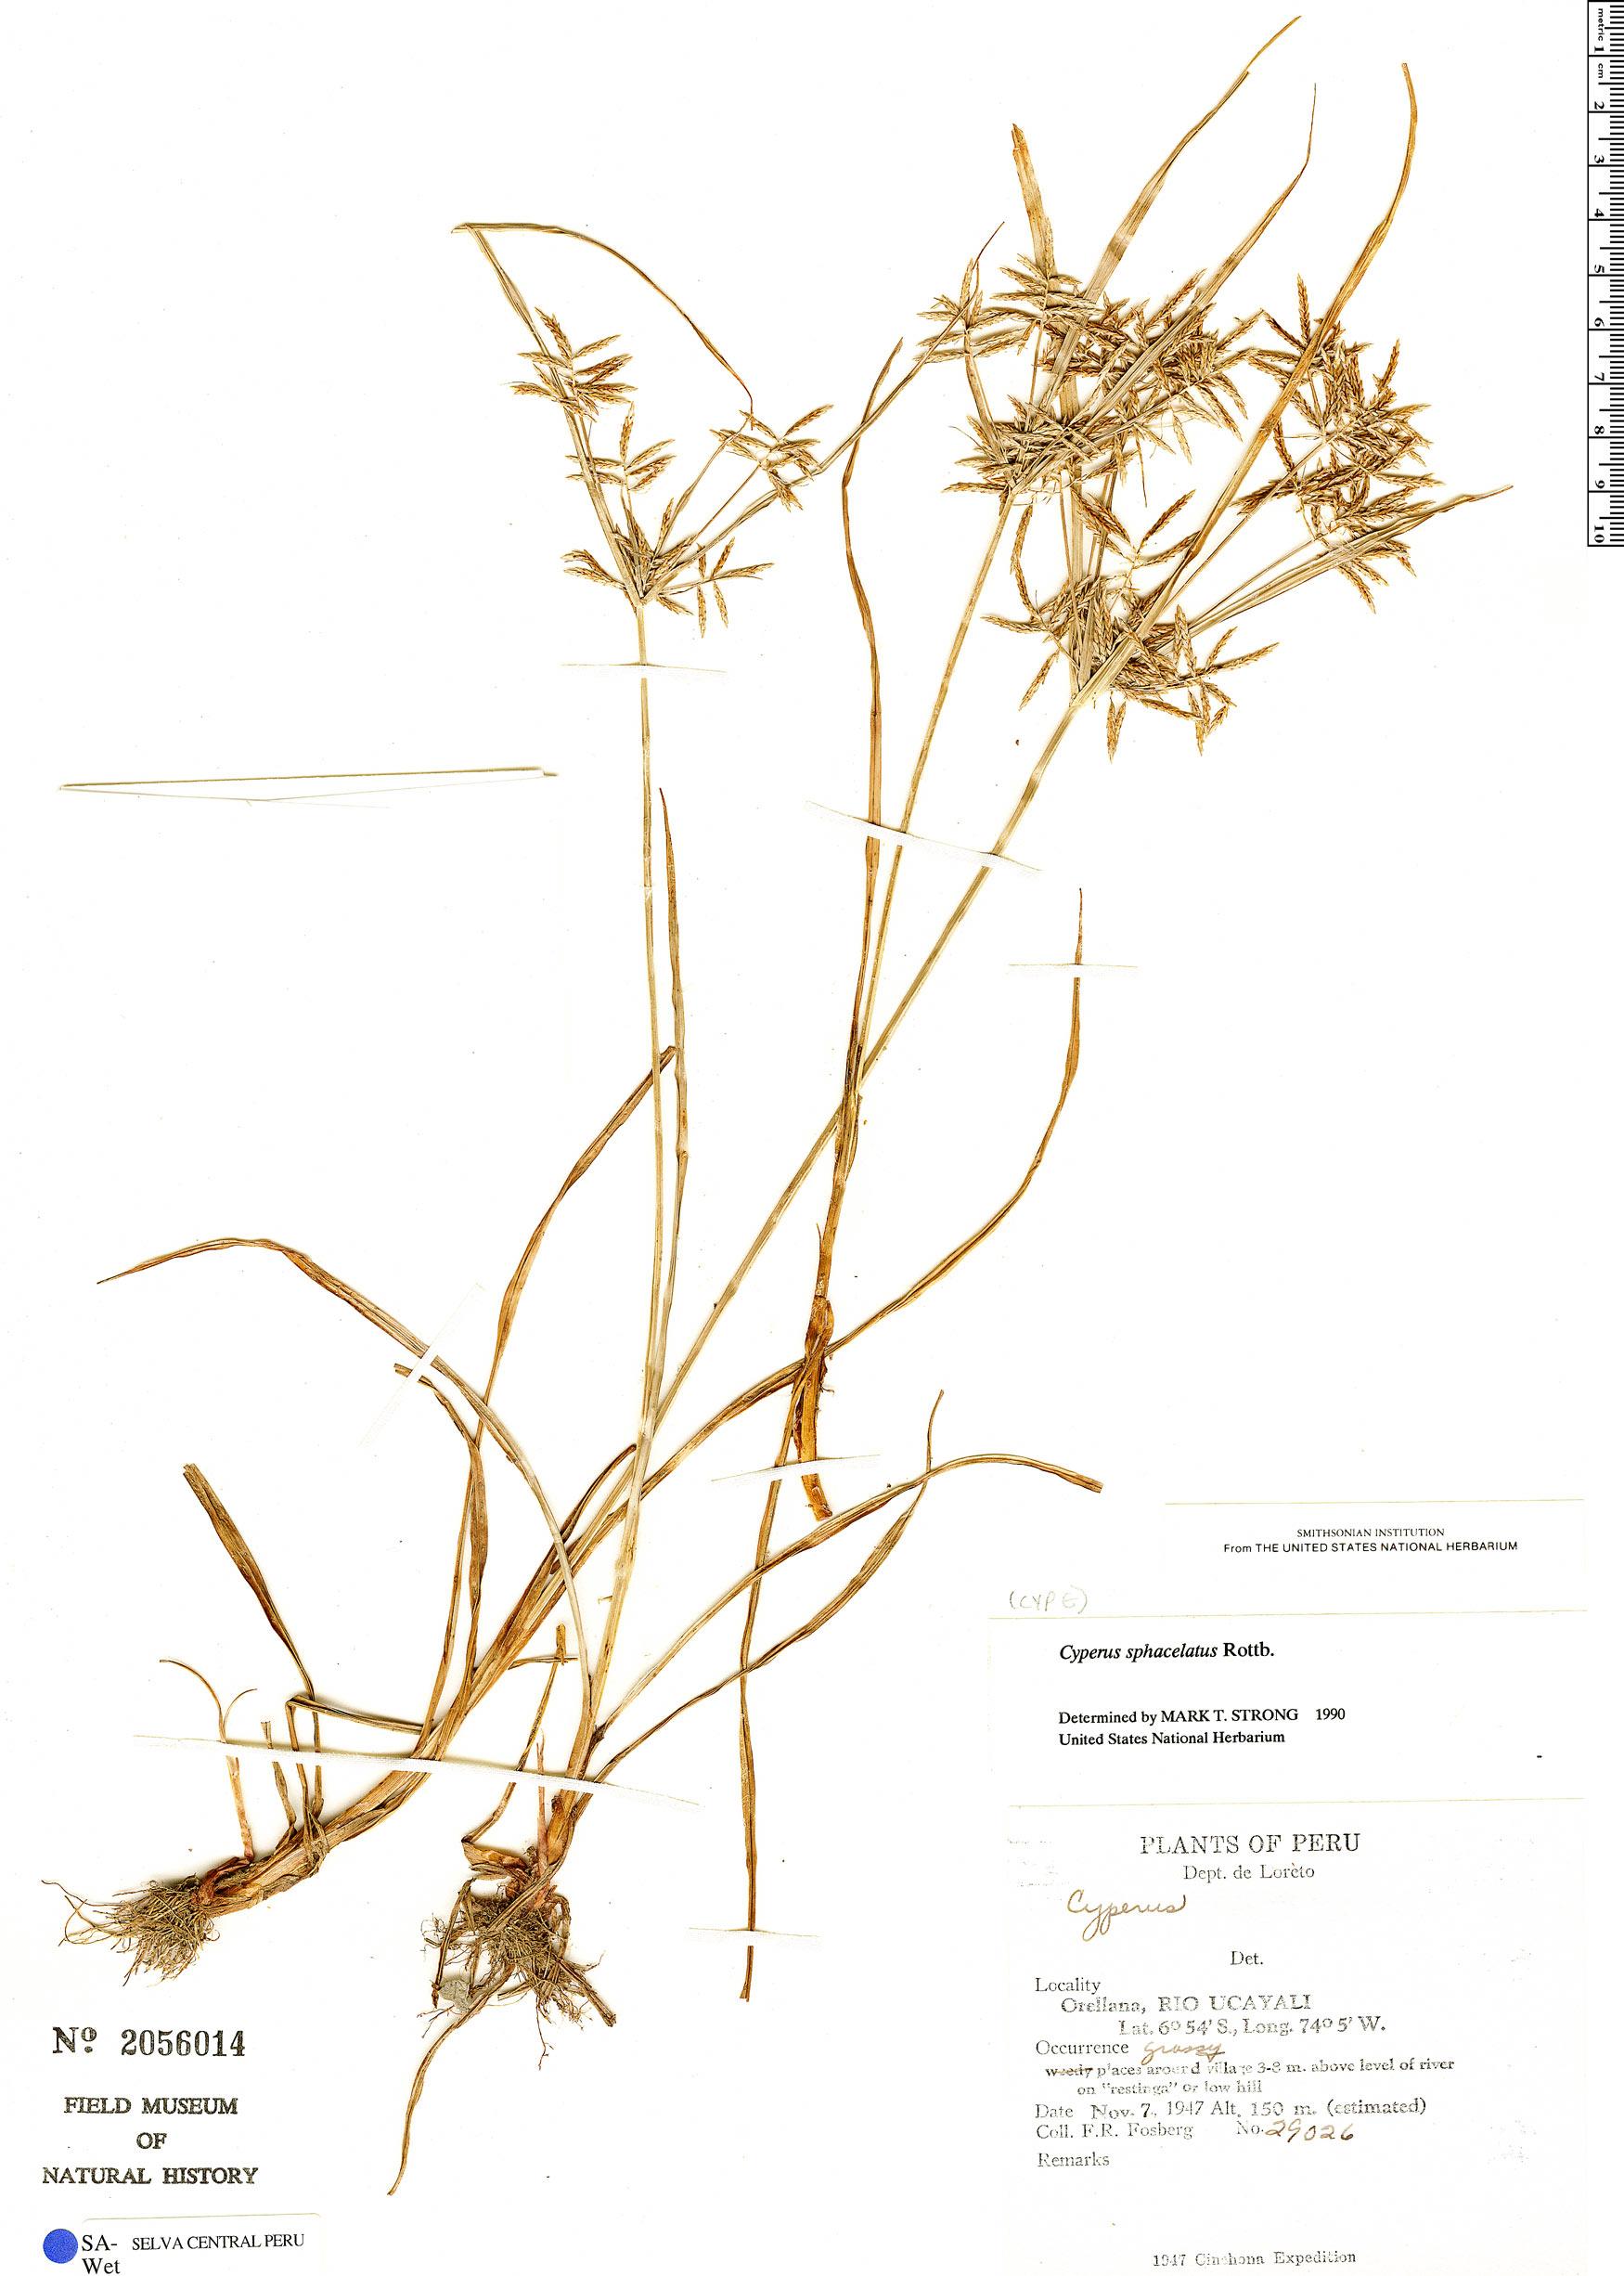 Specimen: Cyperus sphacelatus